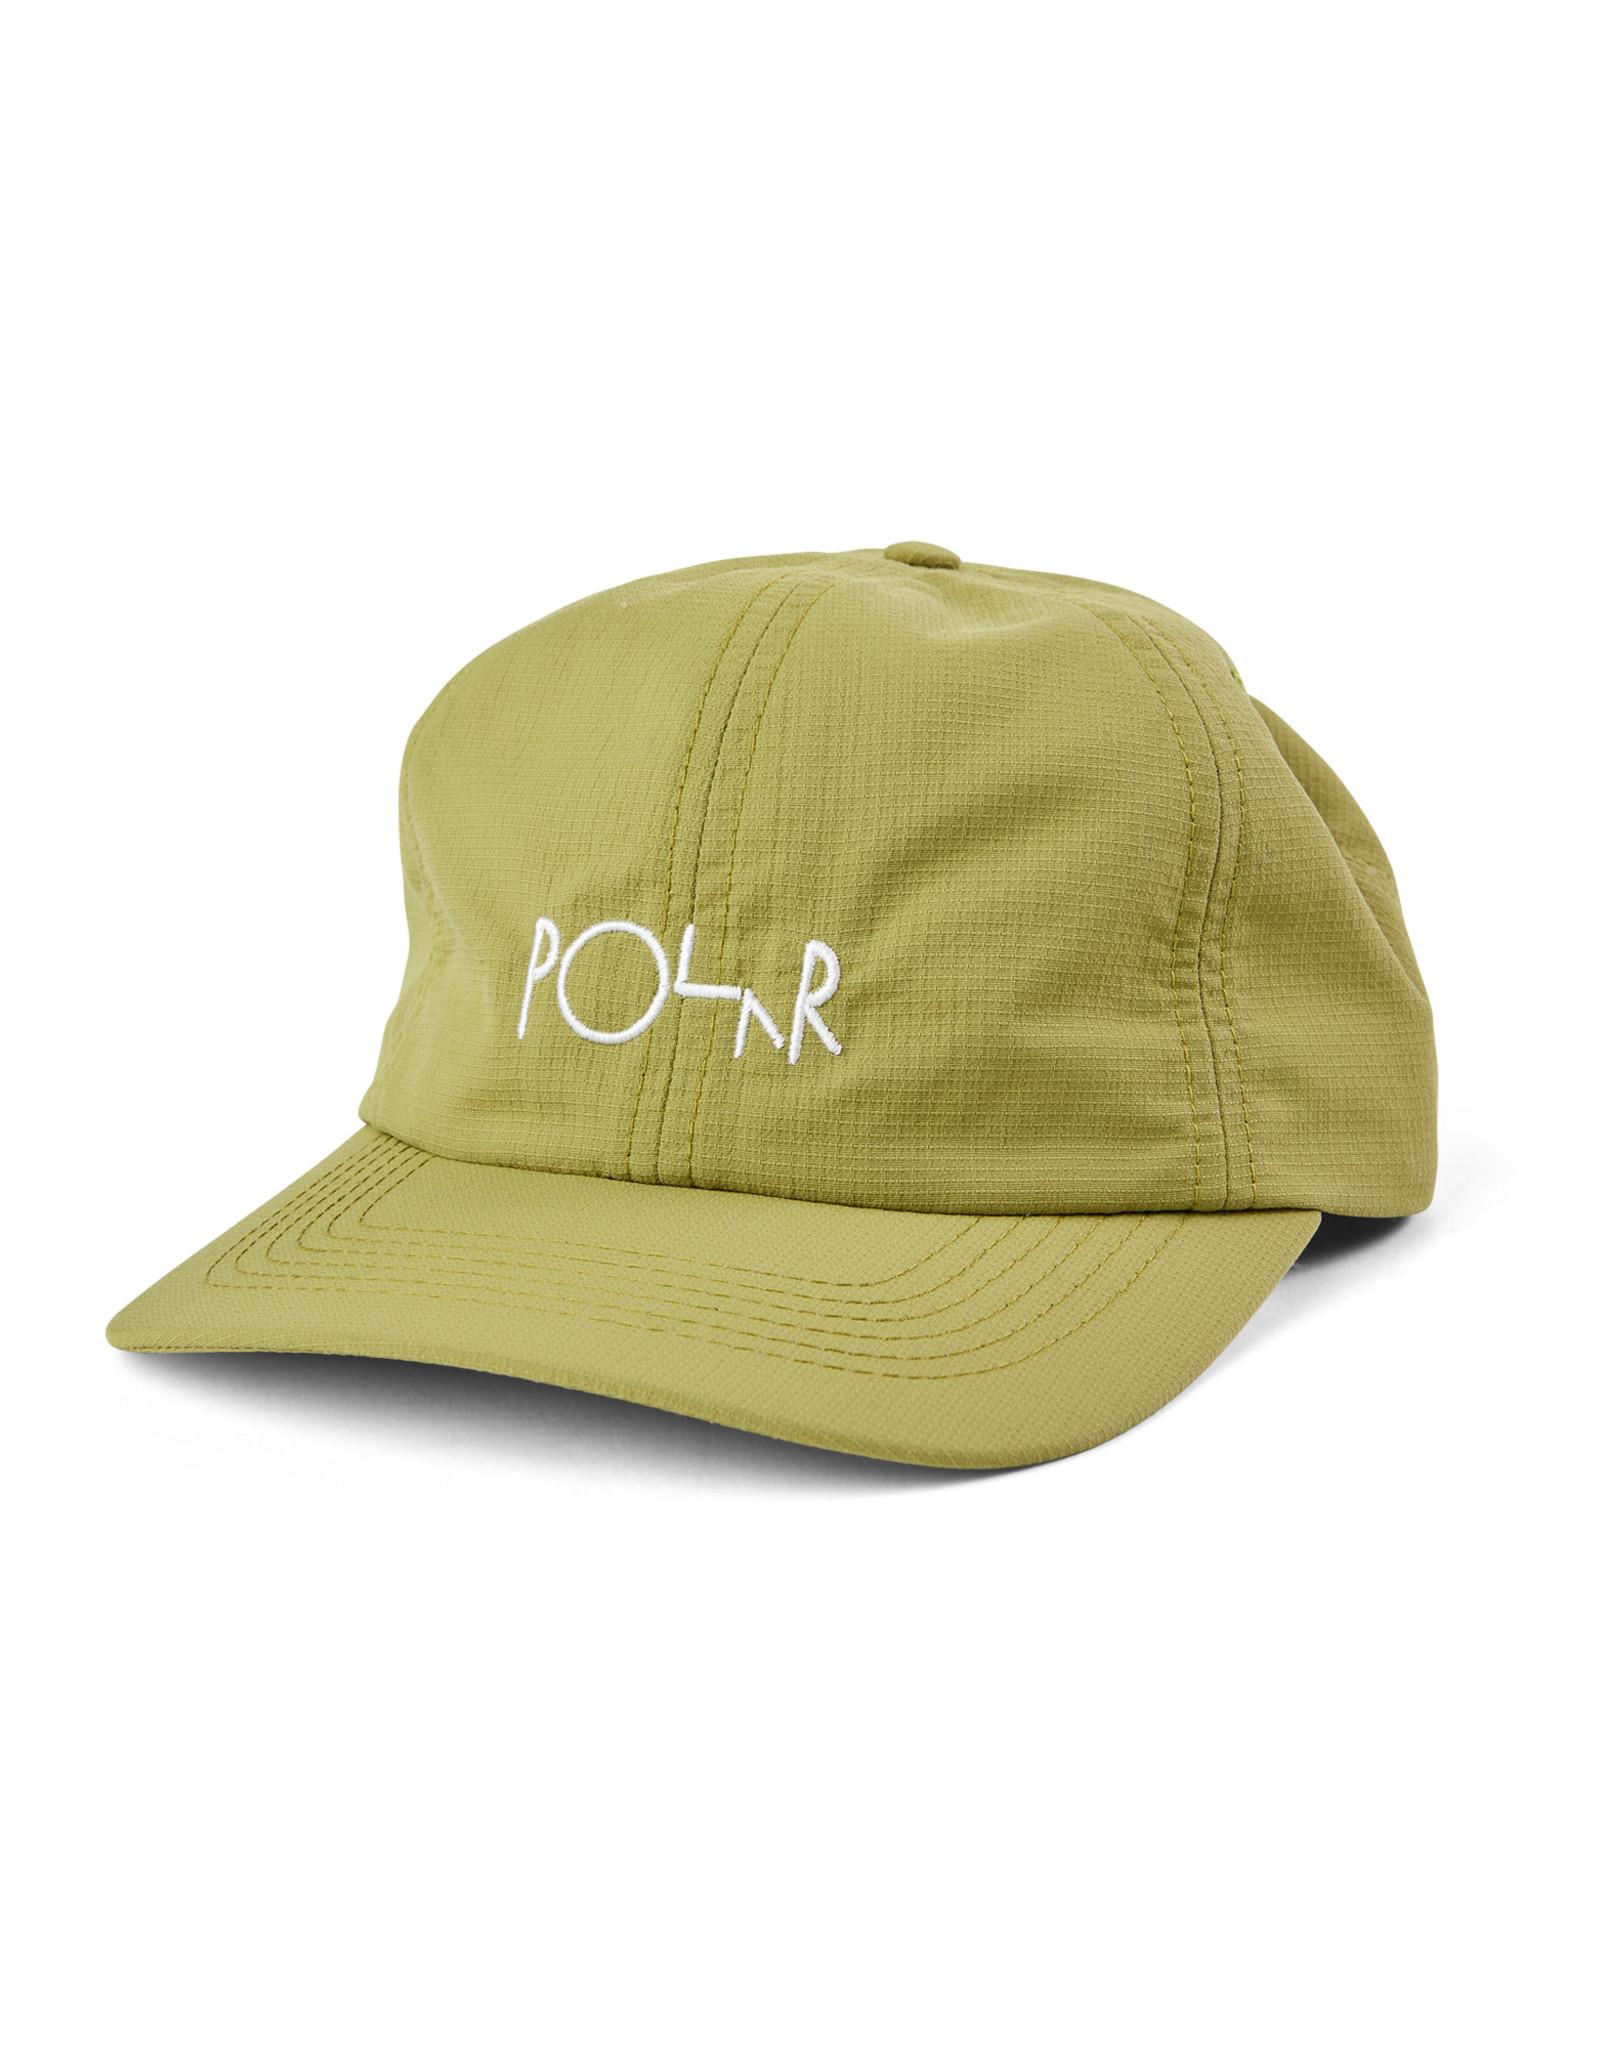 POLAR LIGHTWEIGHT CAP - LENTIL GREEN